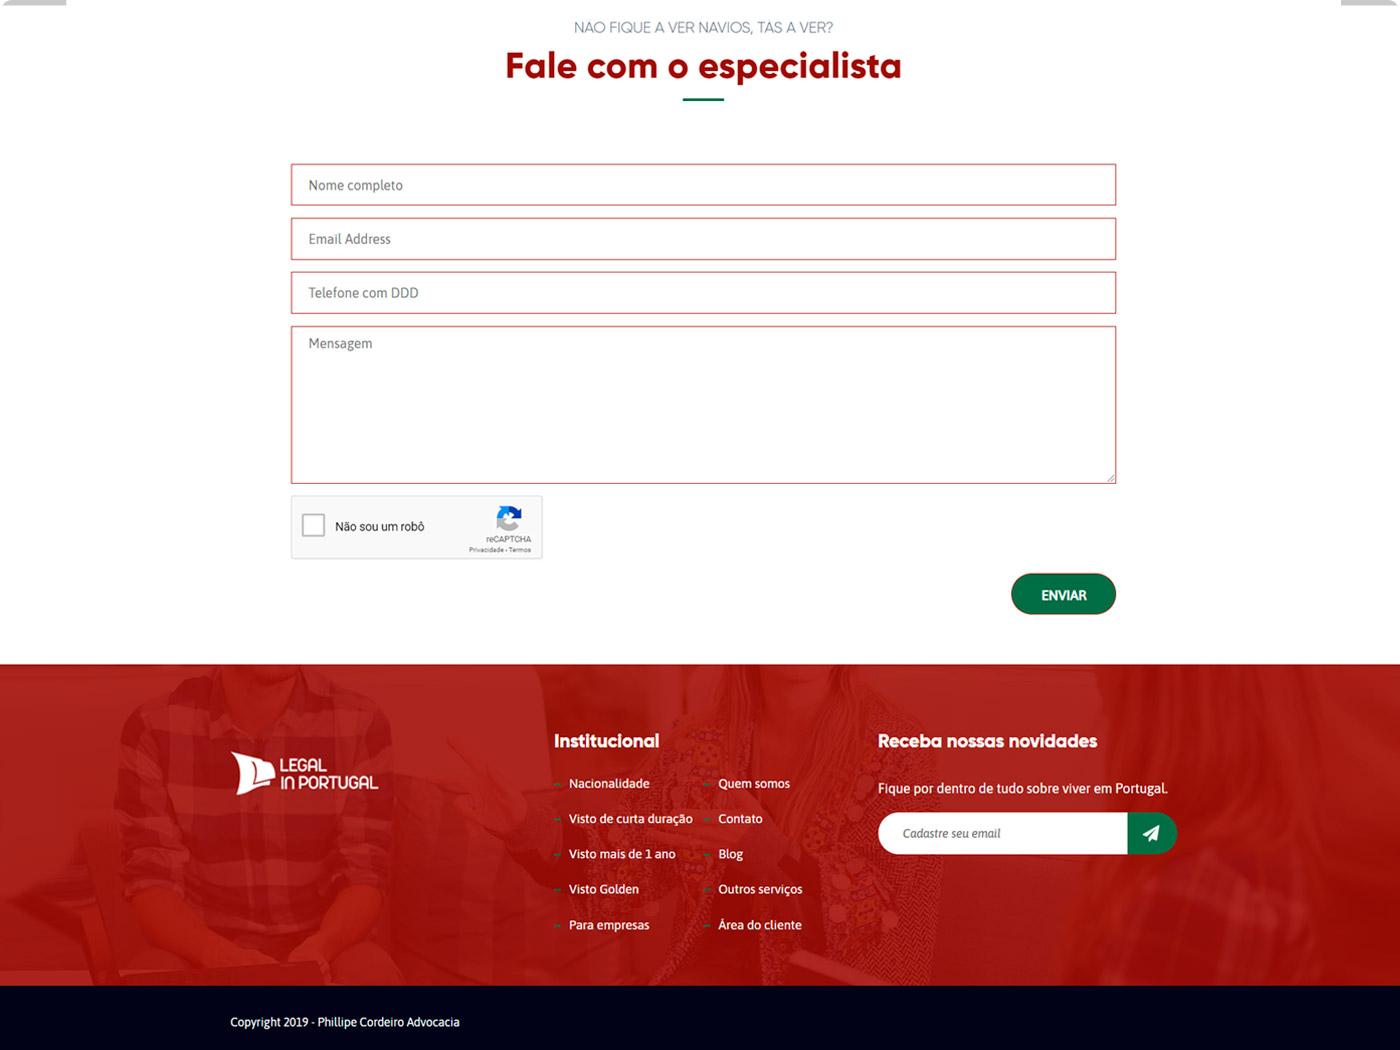 Portfolio Sirius Digital - Legal in Portugal